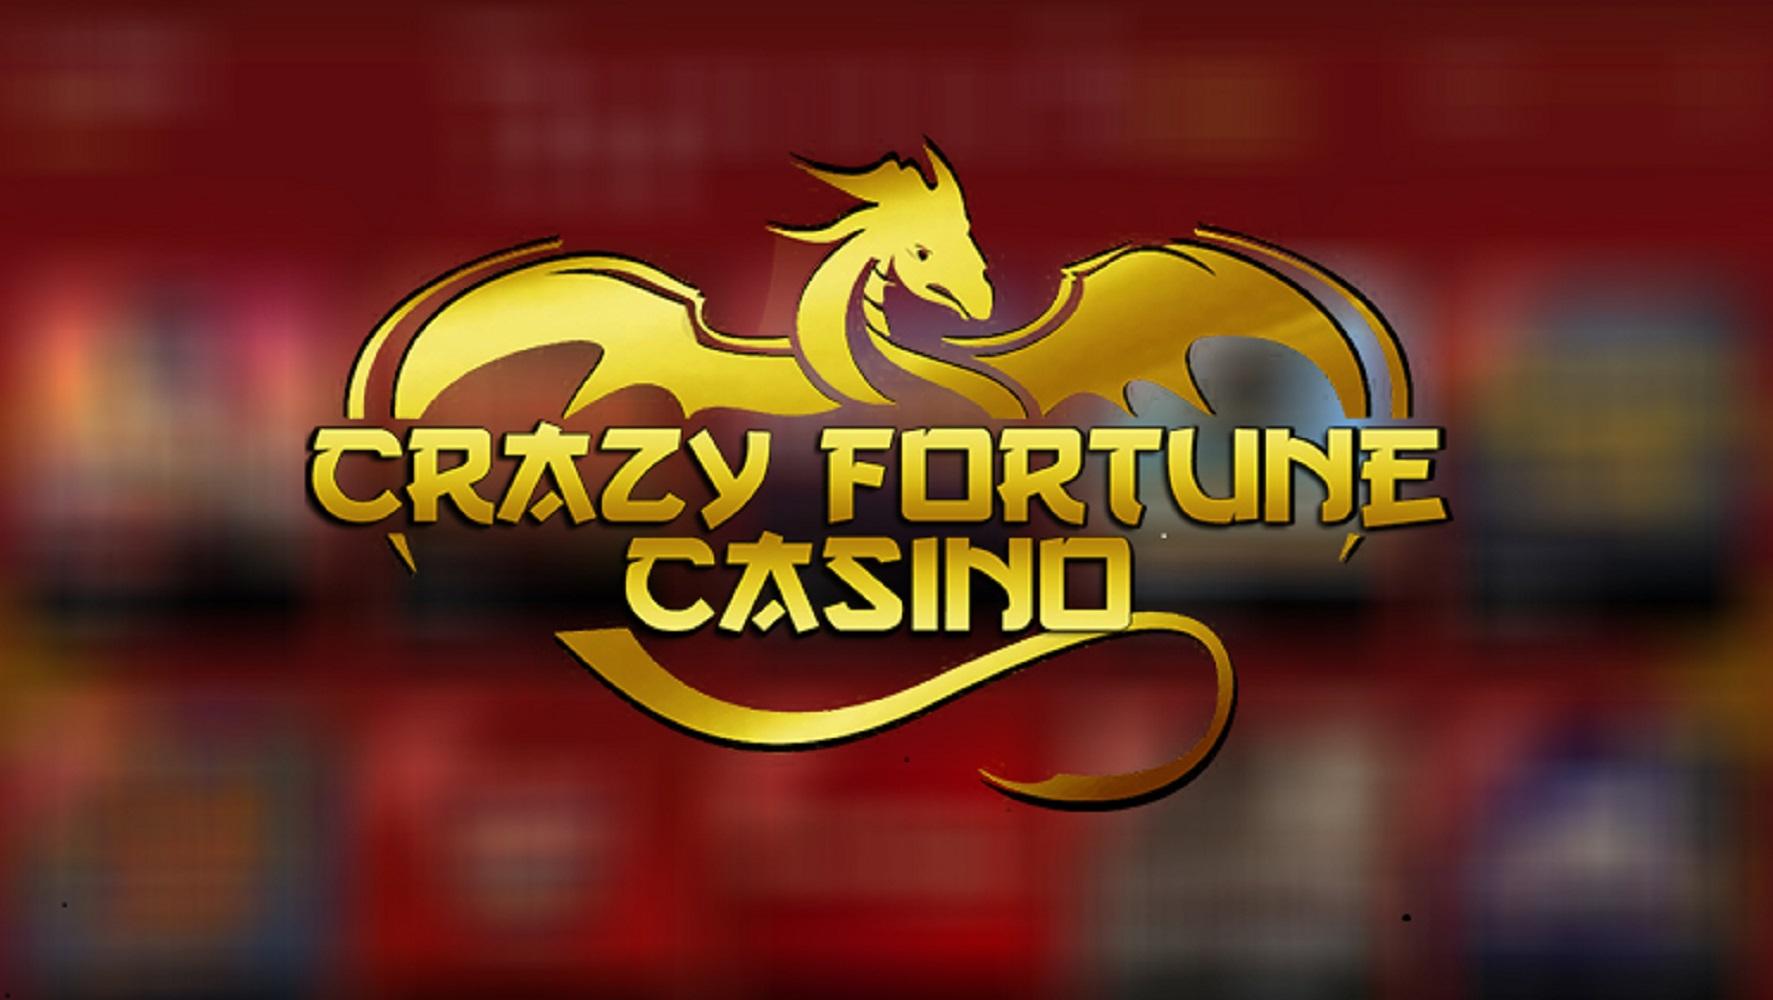 Le meilleur avis sur la qualité du Crazy fortune